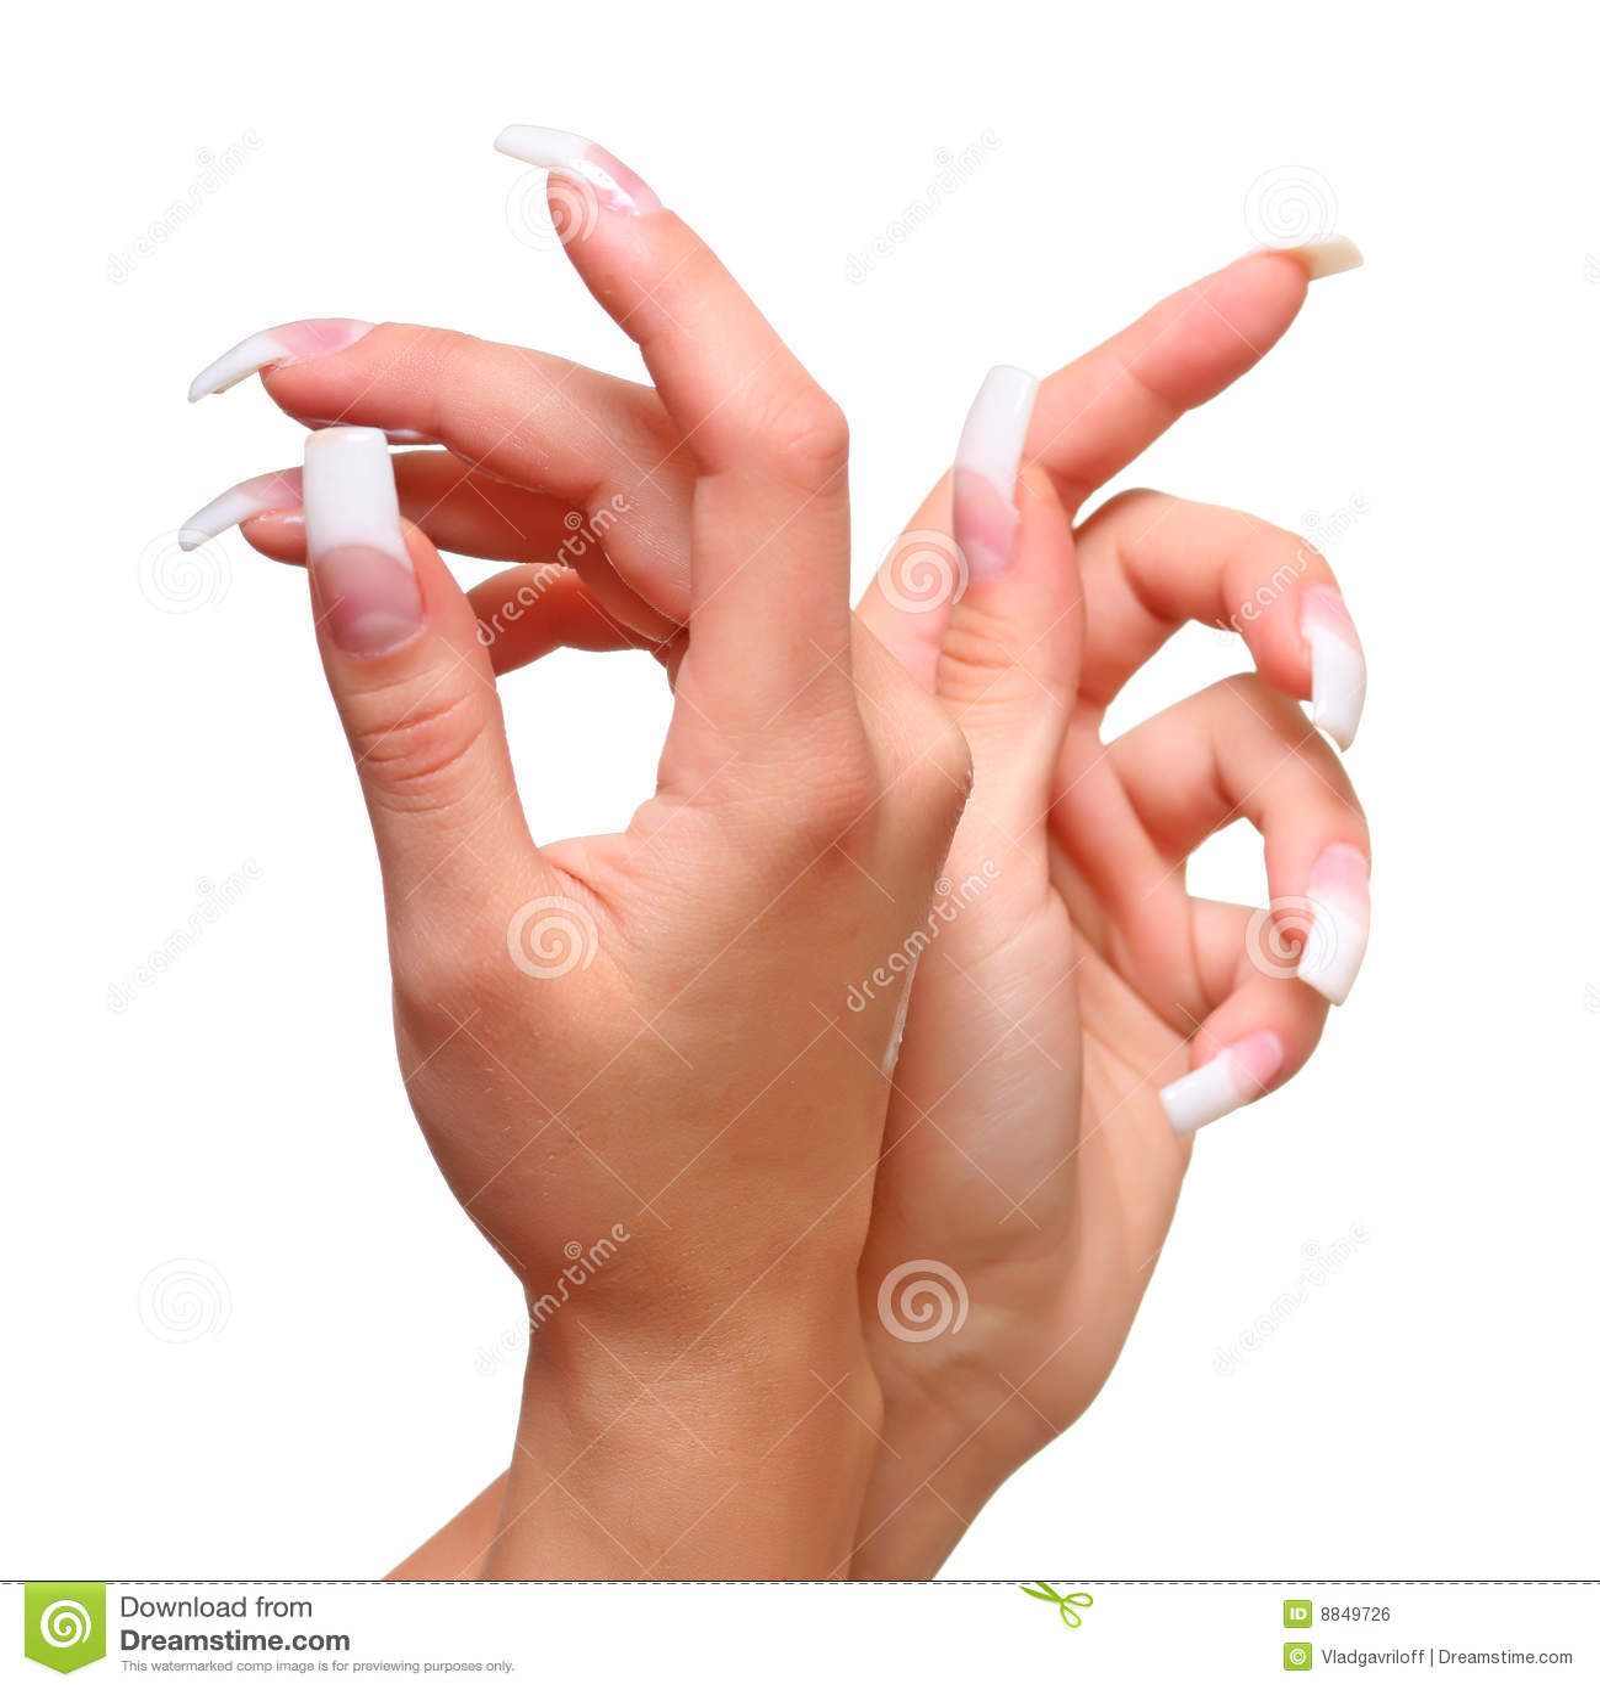 женские руки фотографии